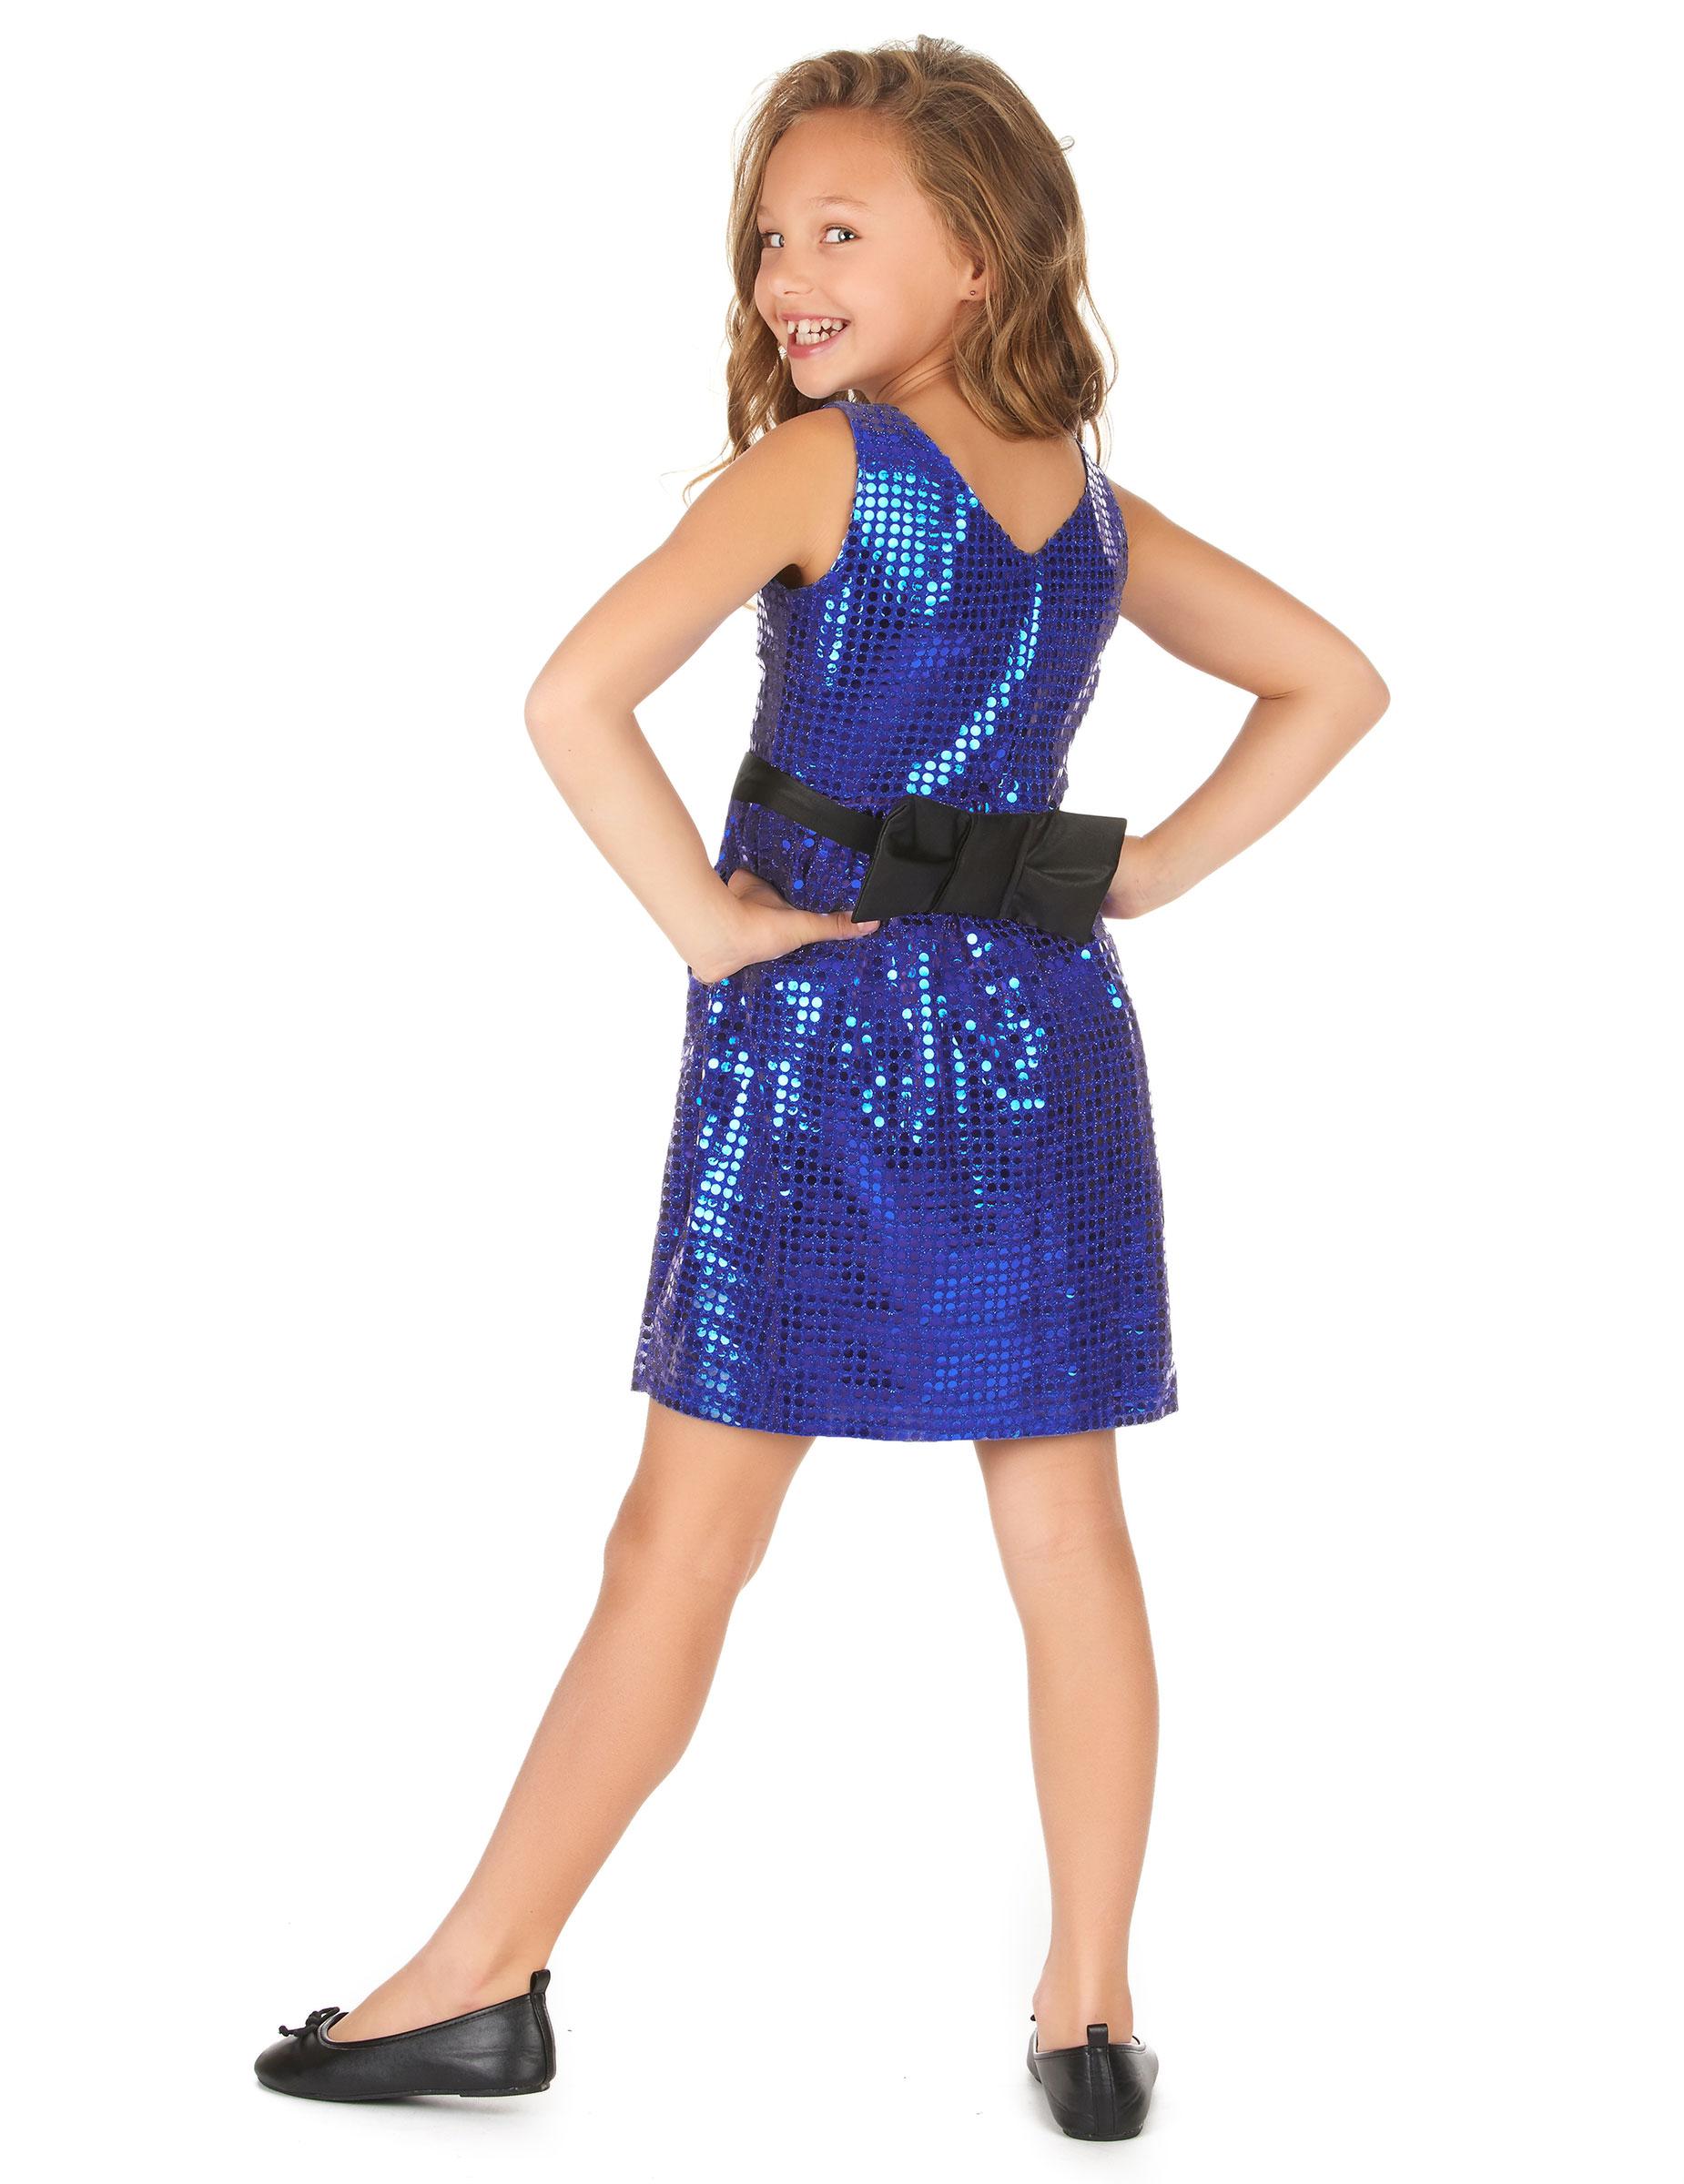 d guisement robe disco bleue paillette avec gros noeud fille d coration anniversaire et f tes. Black Bedroom Furniture Sets. Home Design Ideas